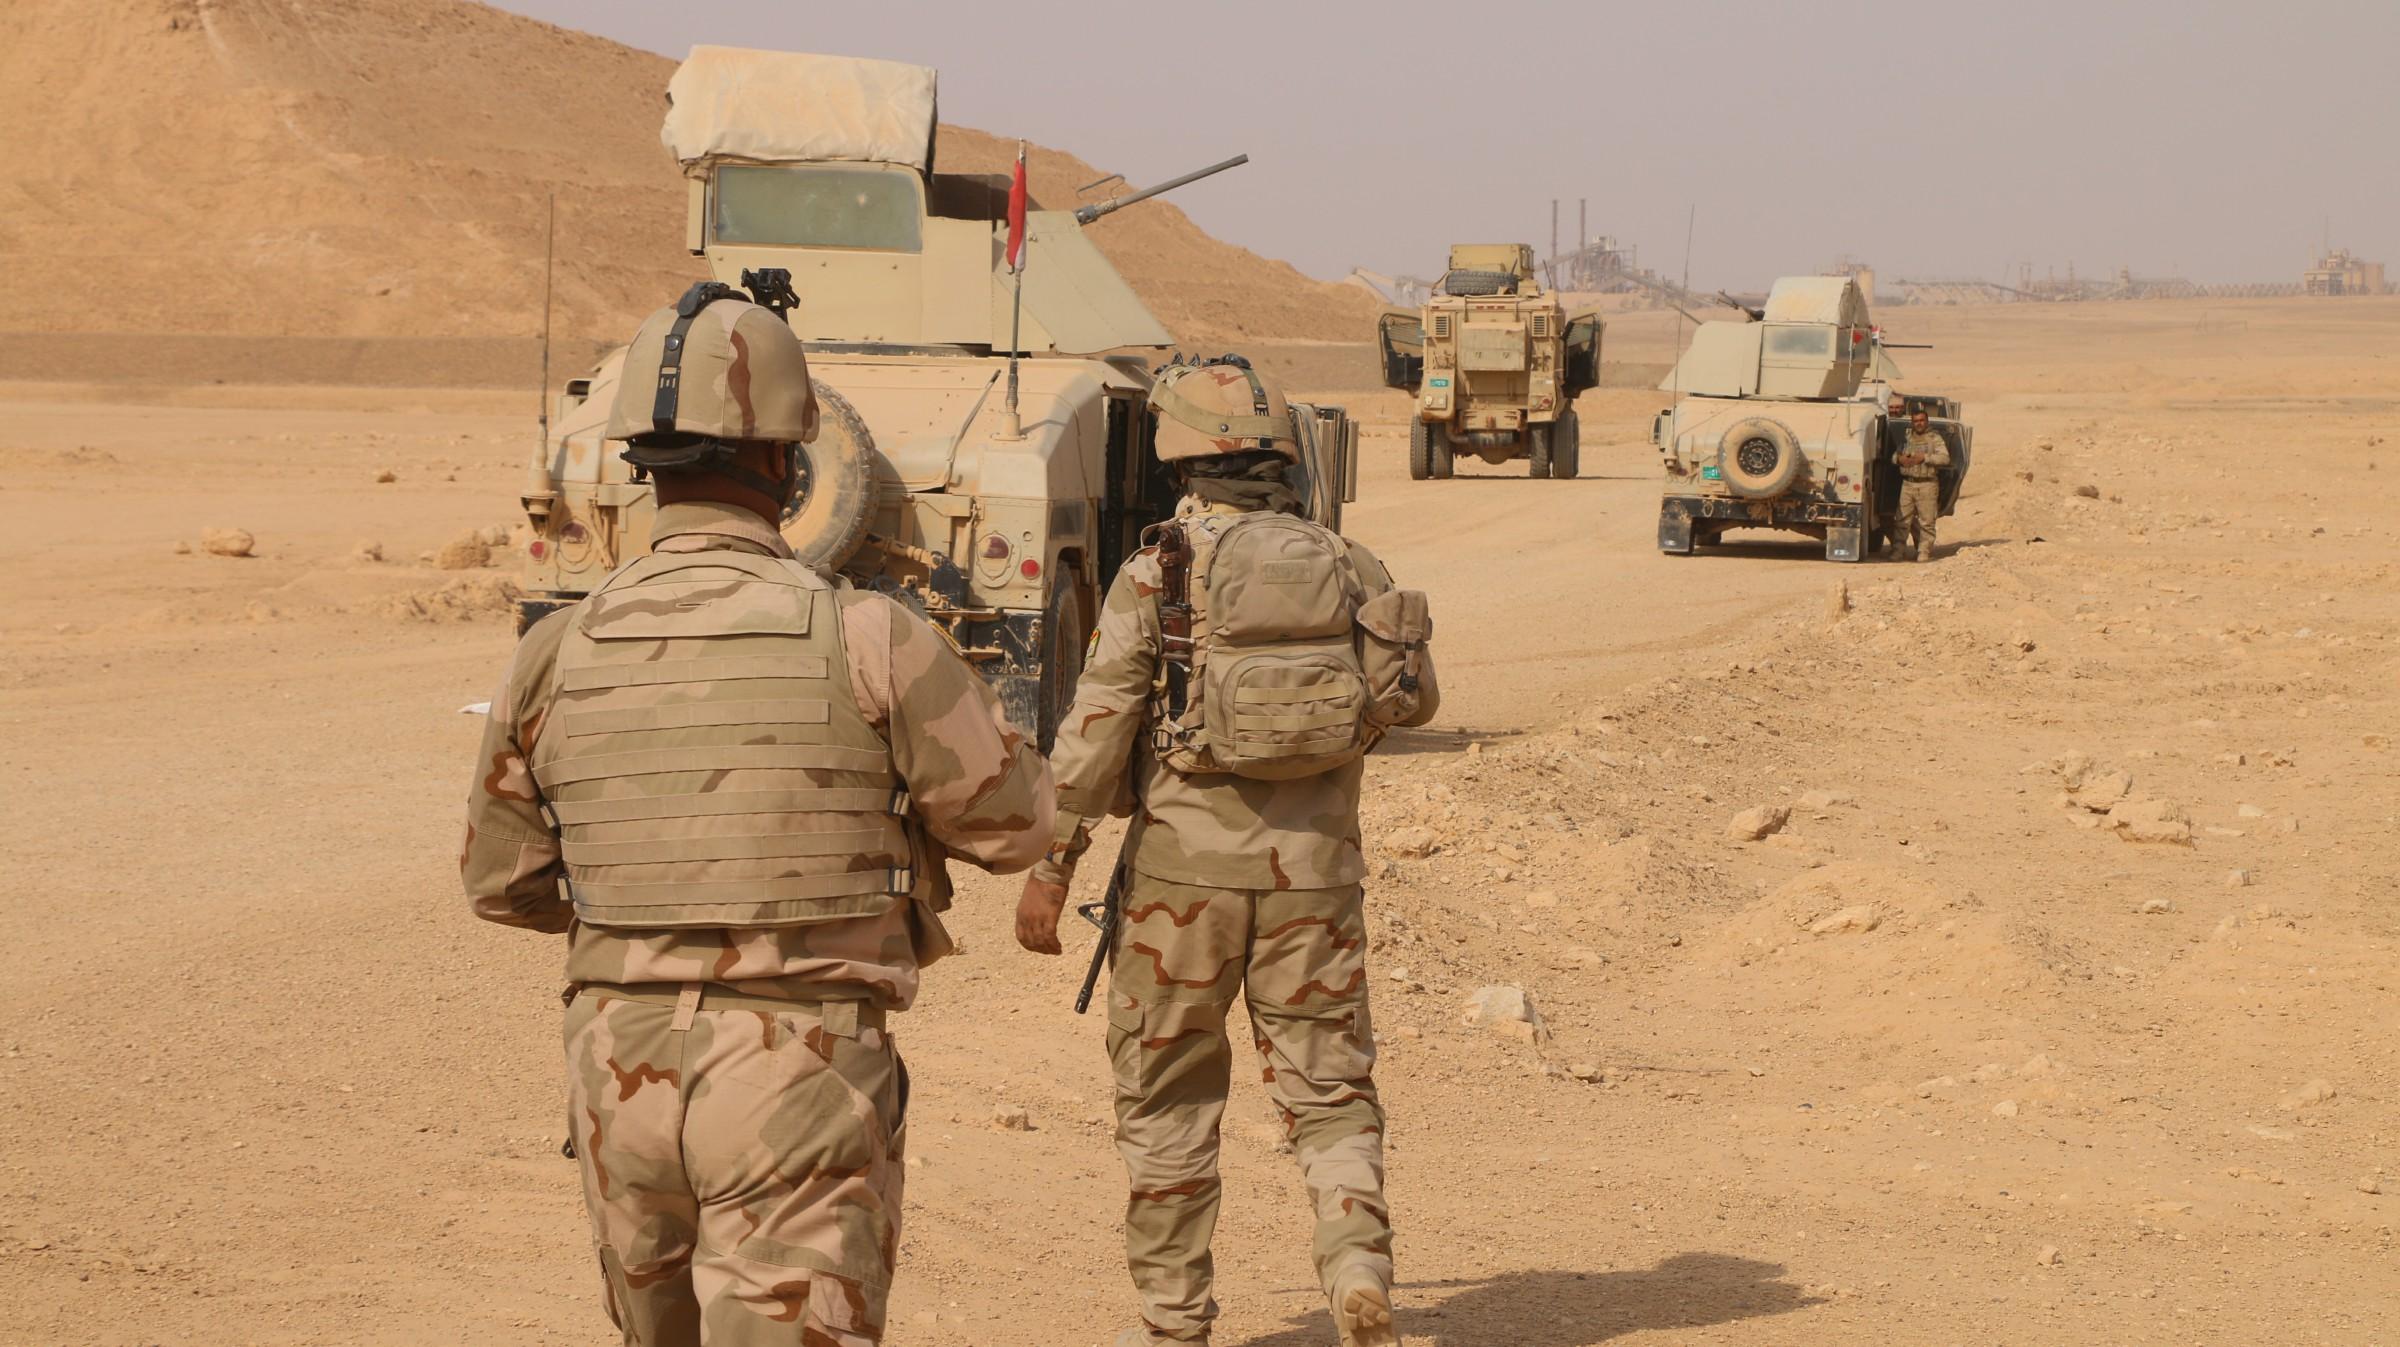 القوات الأمنية تحرر ثماني مناطق في صحراء الأنبار